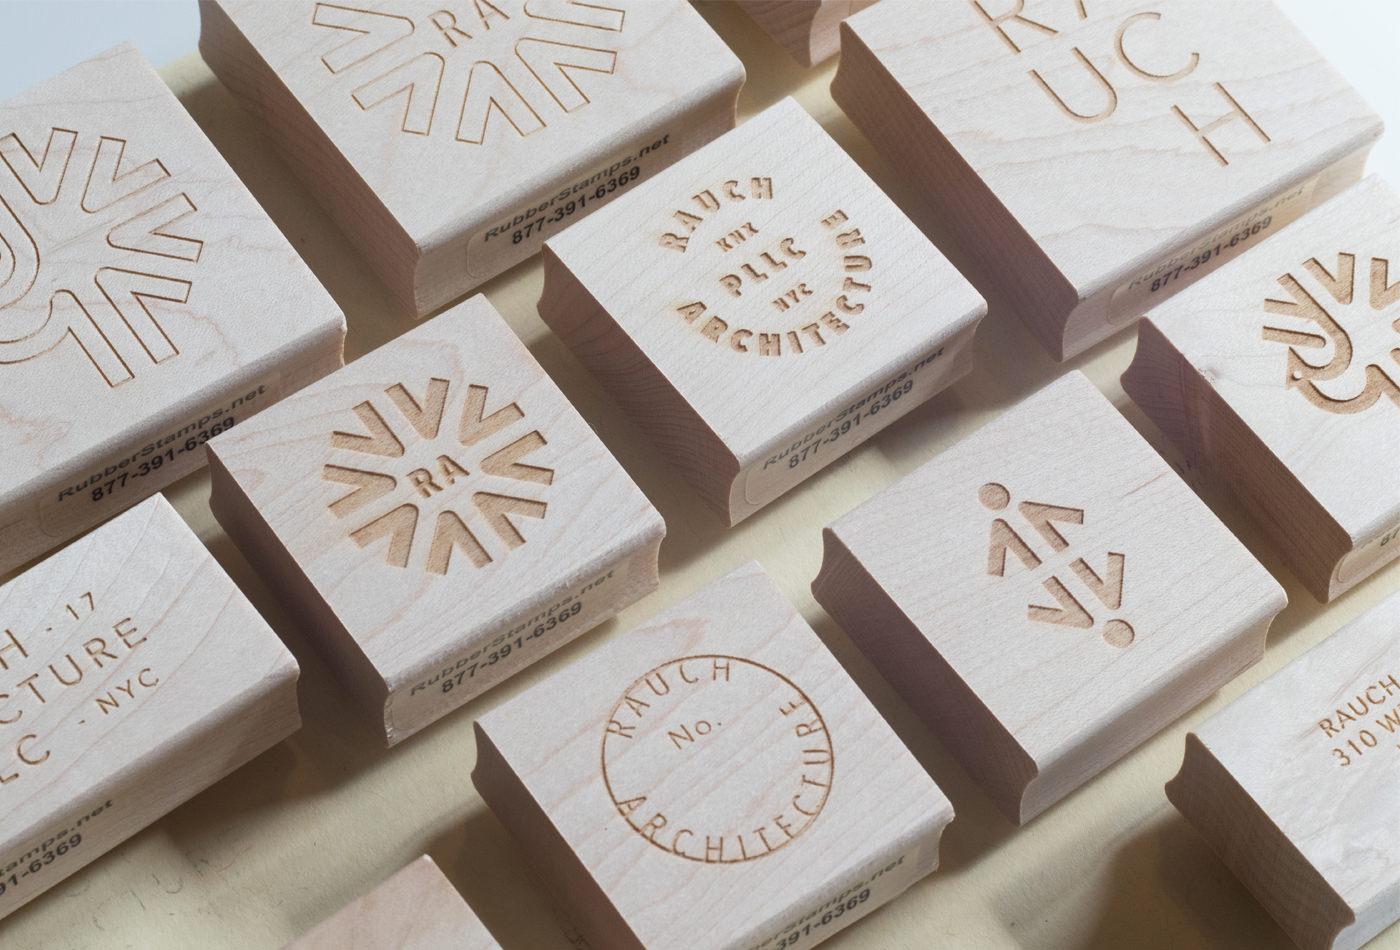 branding-ra-rauch-architecture-matthew-rauch-architecture-pllc-nyc-brooklyn-knx-architect-ppx-modernism-passengerpigeonx-vacaliebres-marks-schematic-stamps-logos-logo-vacaliebres